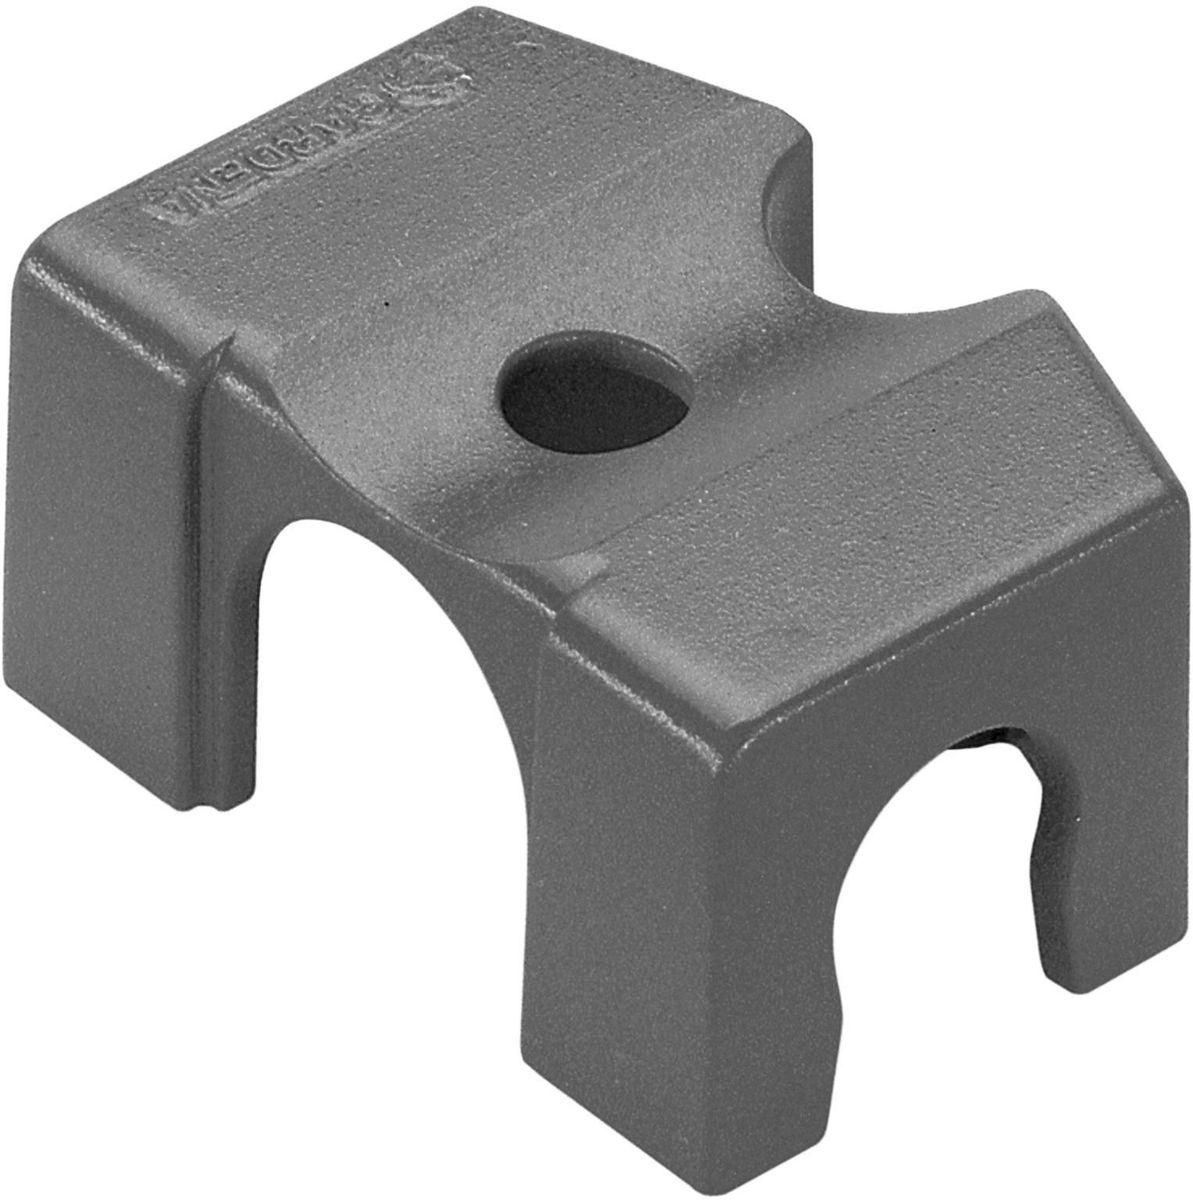 Крепление Gardena, 13 мм (1/2), 2 шт. 08380-29.000.0008380-29.000.00Крепление GARDENA предназначено для простого и надежного закрепления шлангов системы микрокапельного полива GARDENA Micro-Drip-System на твердой поверхности. Также крепление используется для закрепления микронасадок на магистральном шланге диаметром 13 мм (1/2 дюйма). Крепление в паре с Т-образным соединителем для микронасадок (арт. 8331-20) и надставкой (арт. 1377-20) позволяет регулировать высоту микронасадок. В комплект поставки входят два крепления.